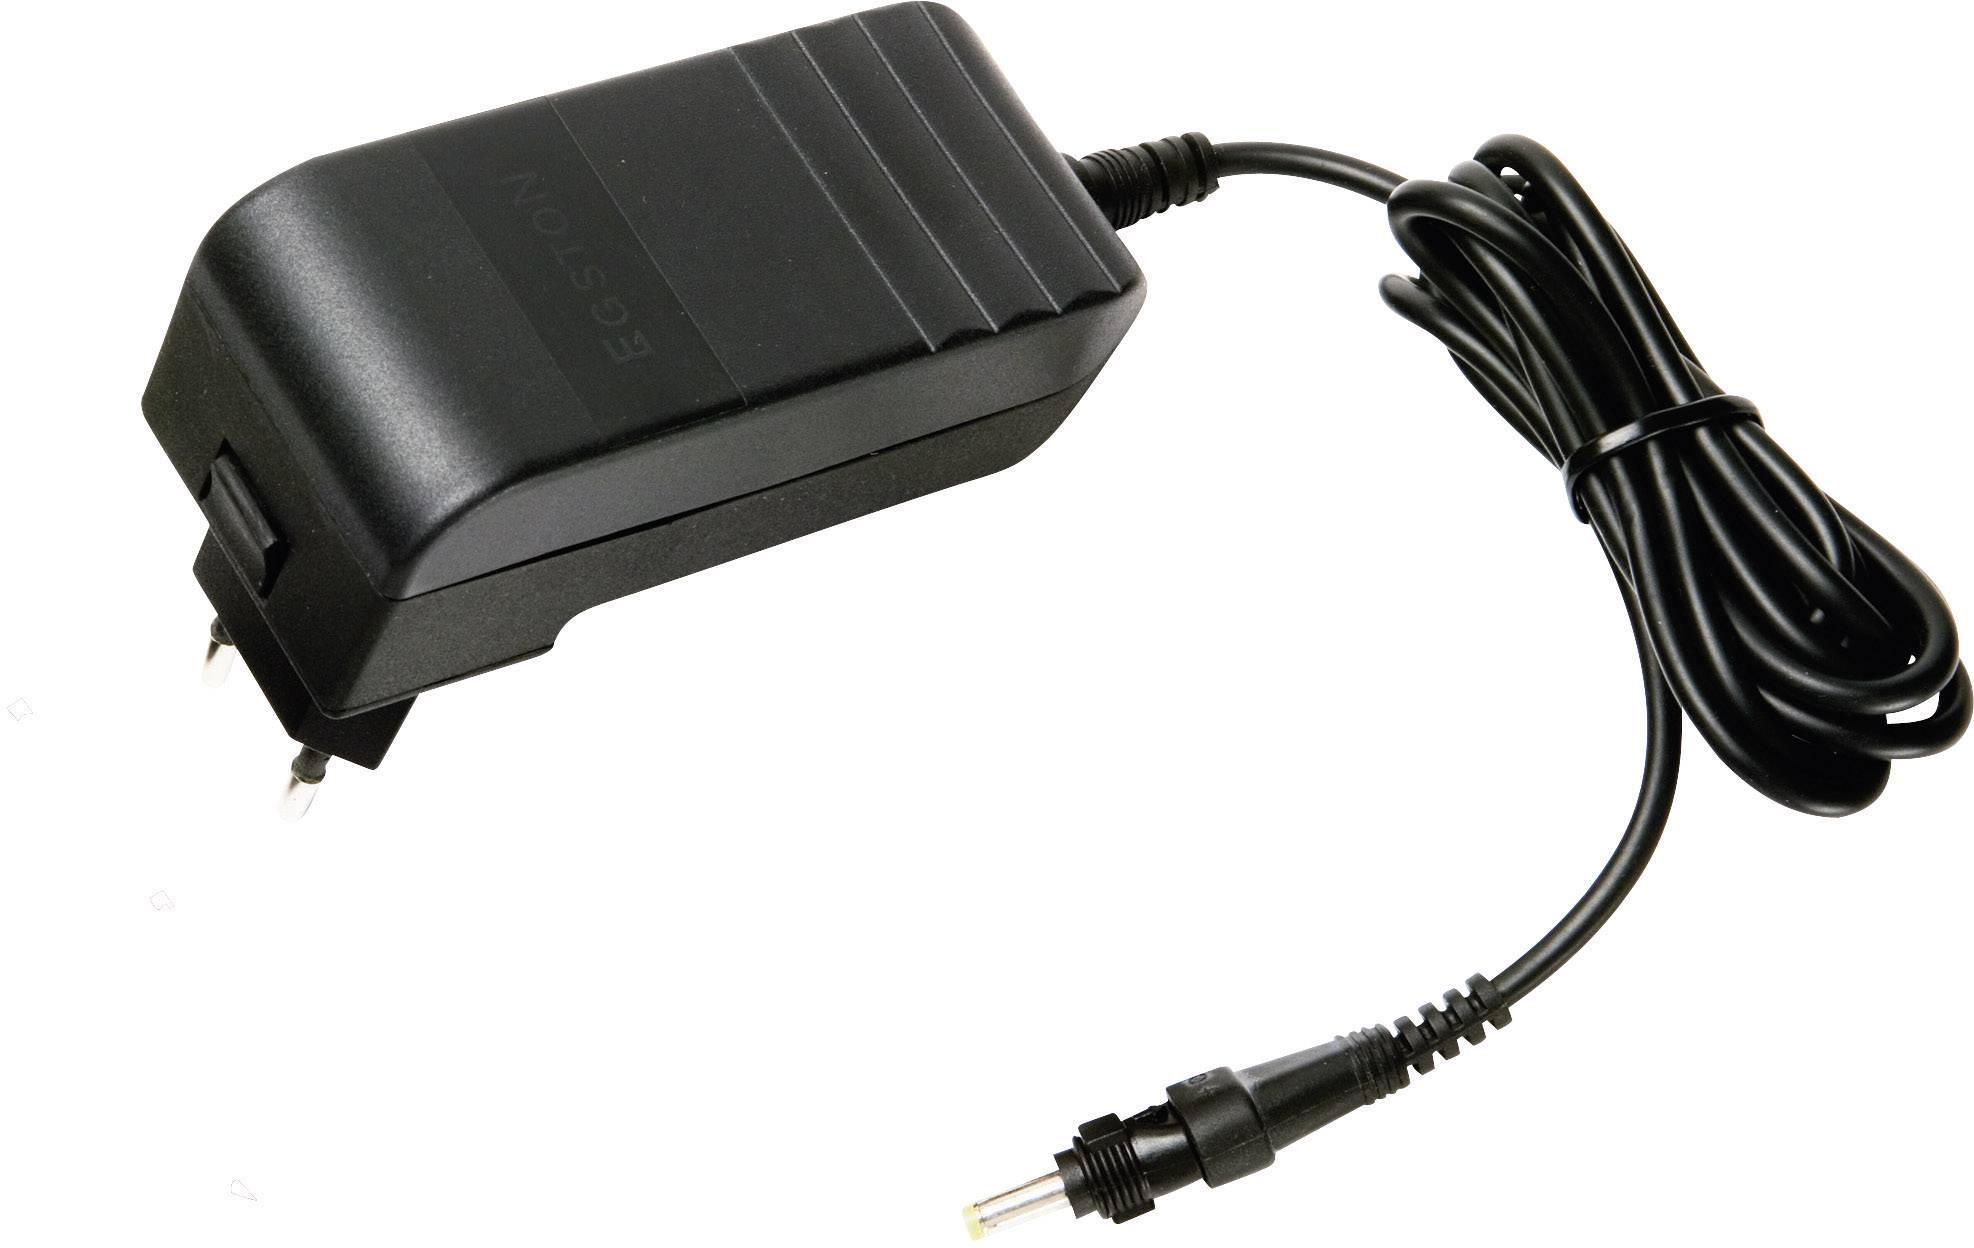 Zásuvkový adaptér so stálym napätím Egston 003920141, 12 W, 1000 mA